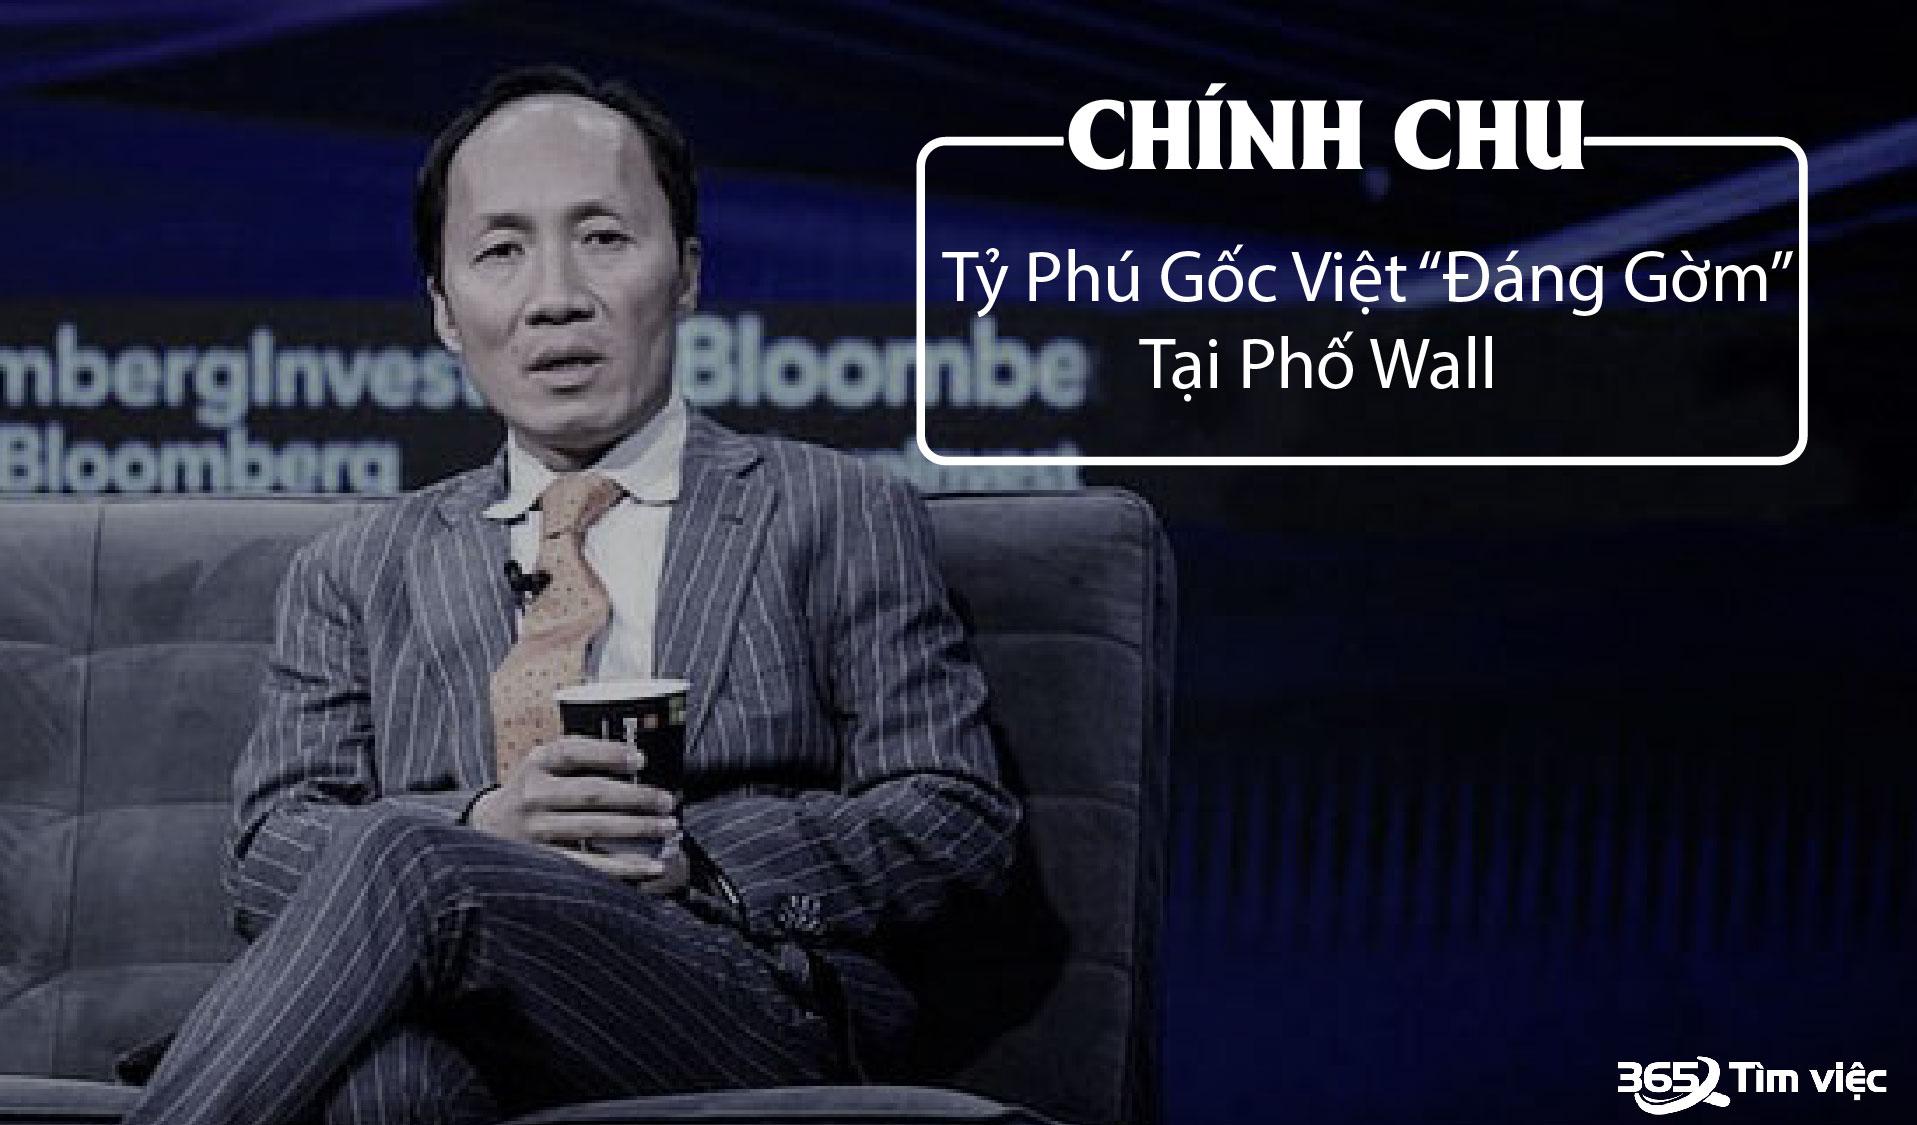 [Tìm hiểu] Tỷ phú gốc Việt Chính Chu